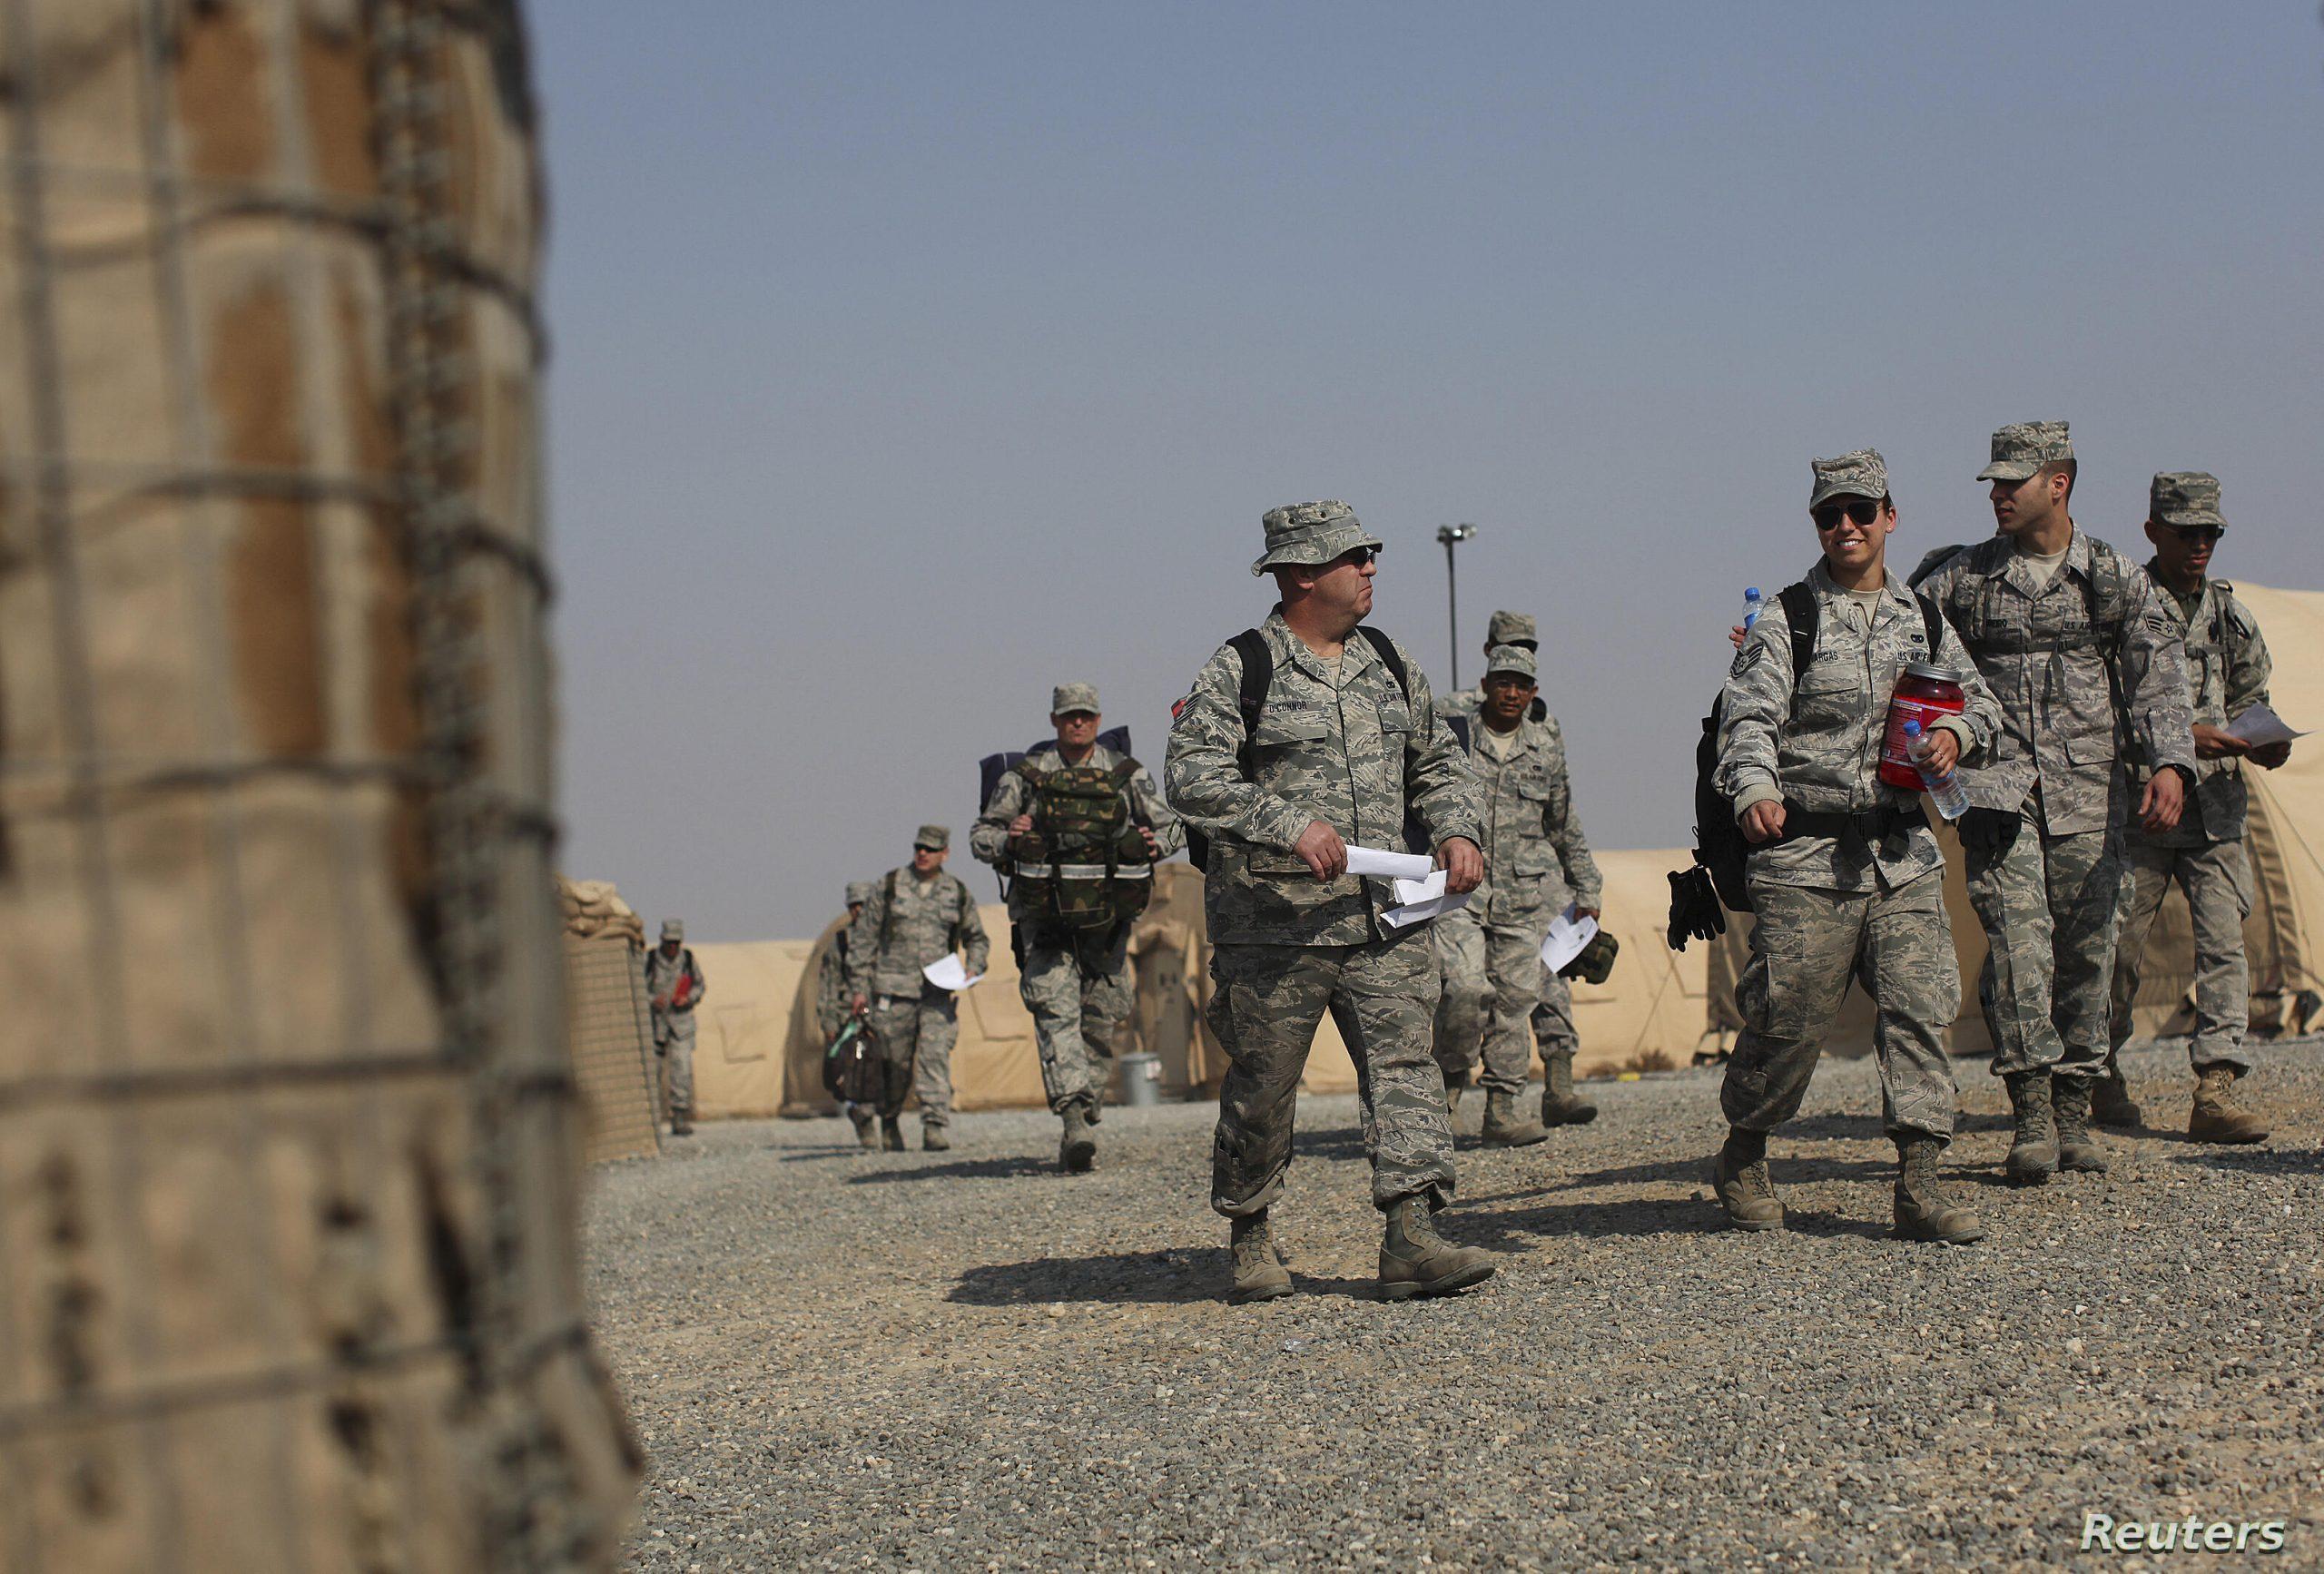 Estados Unidos anuncia reducción de tropas en Iraq